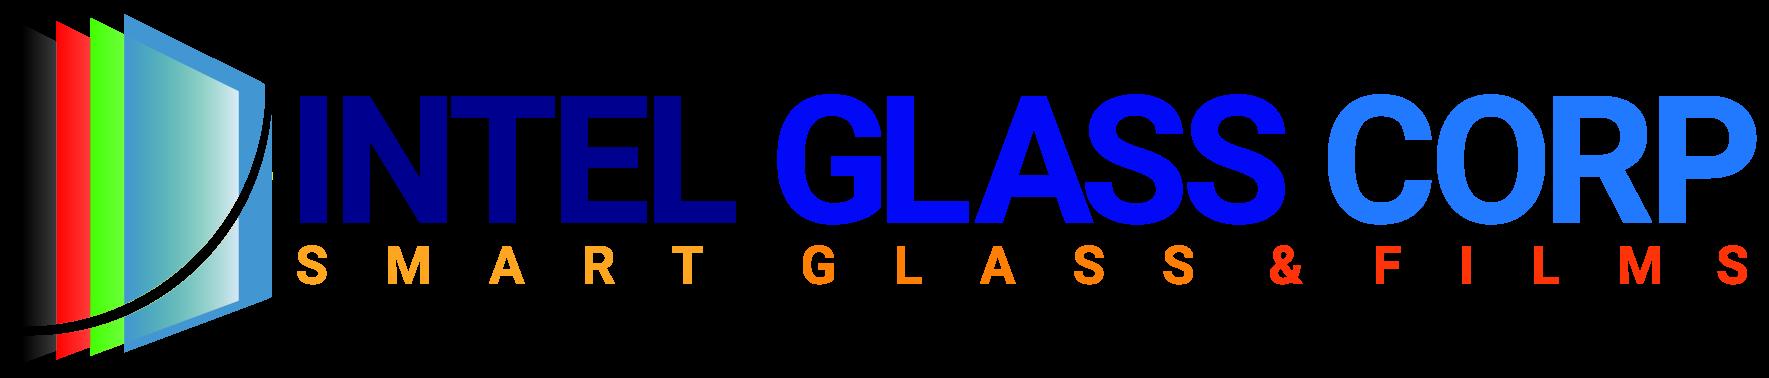 Intelligent Glass & Film